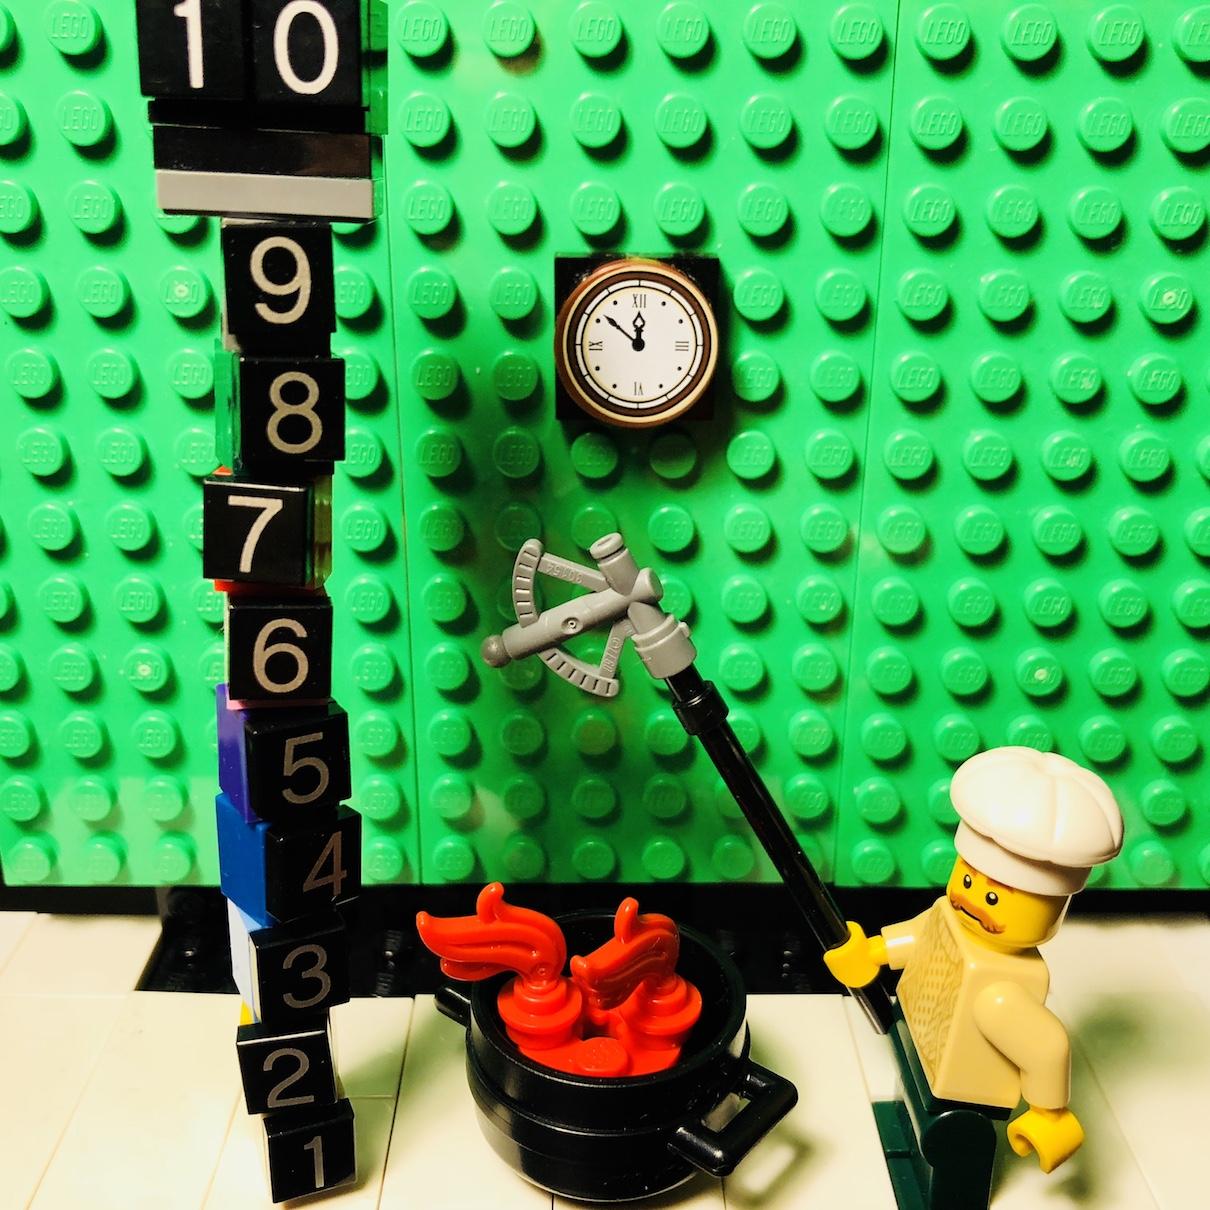 ¿Cuánto mide tu problema?